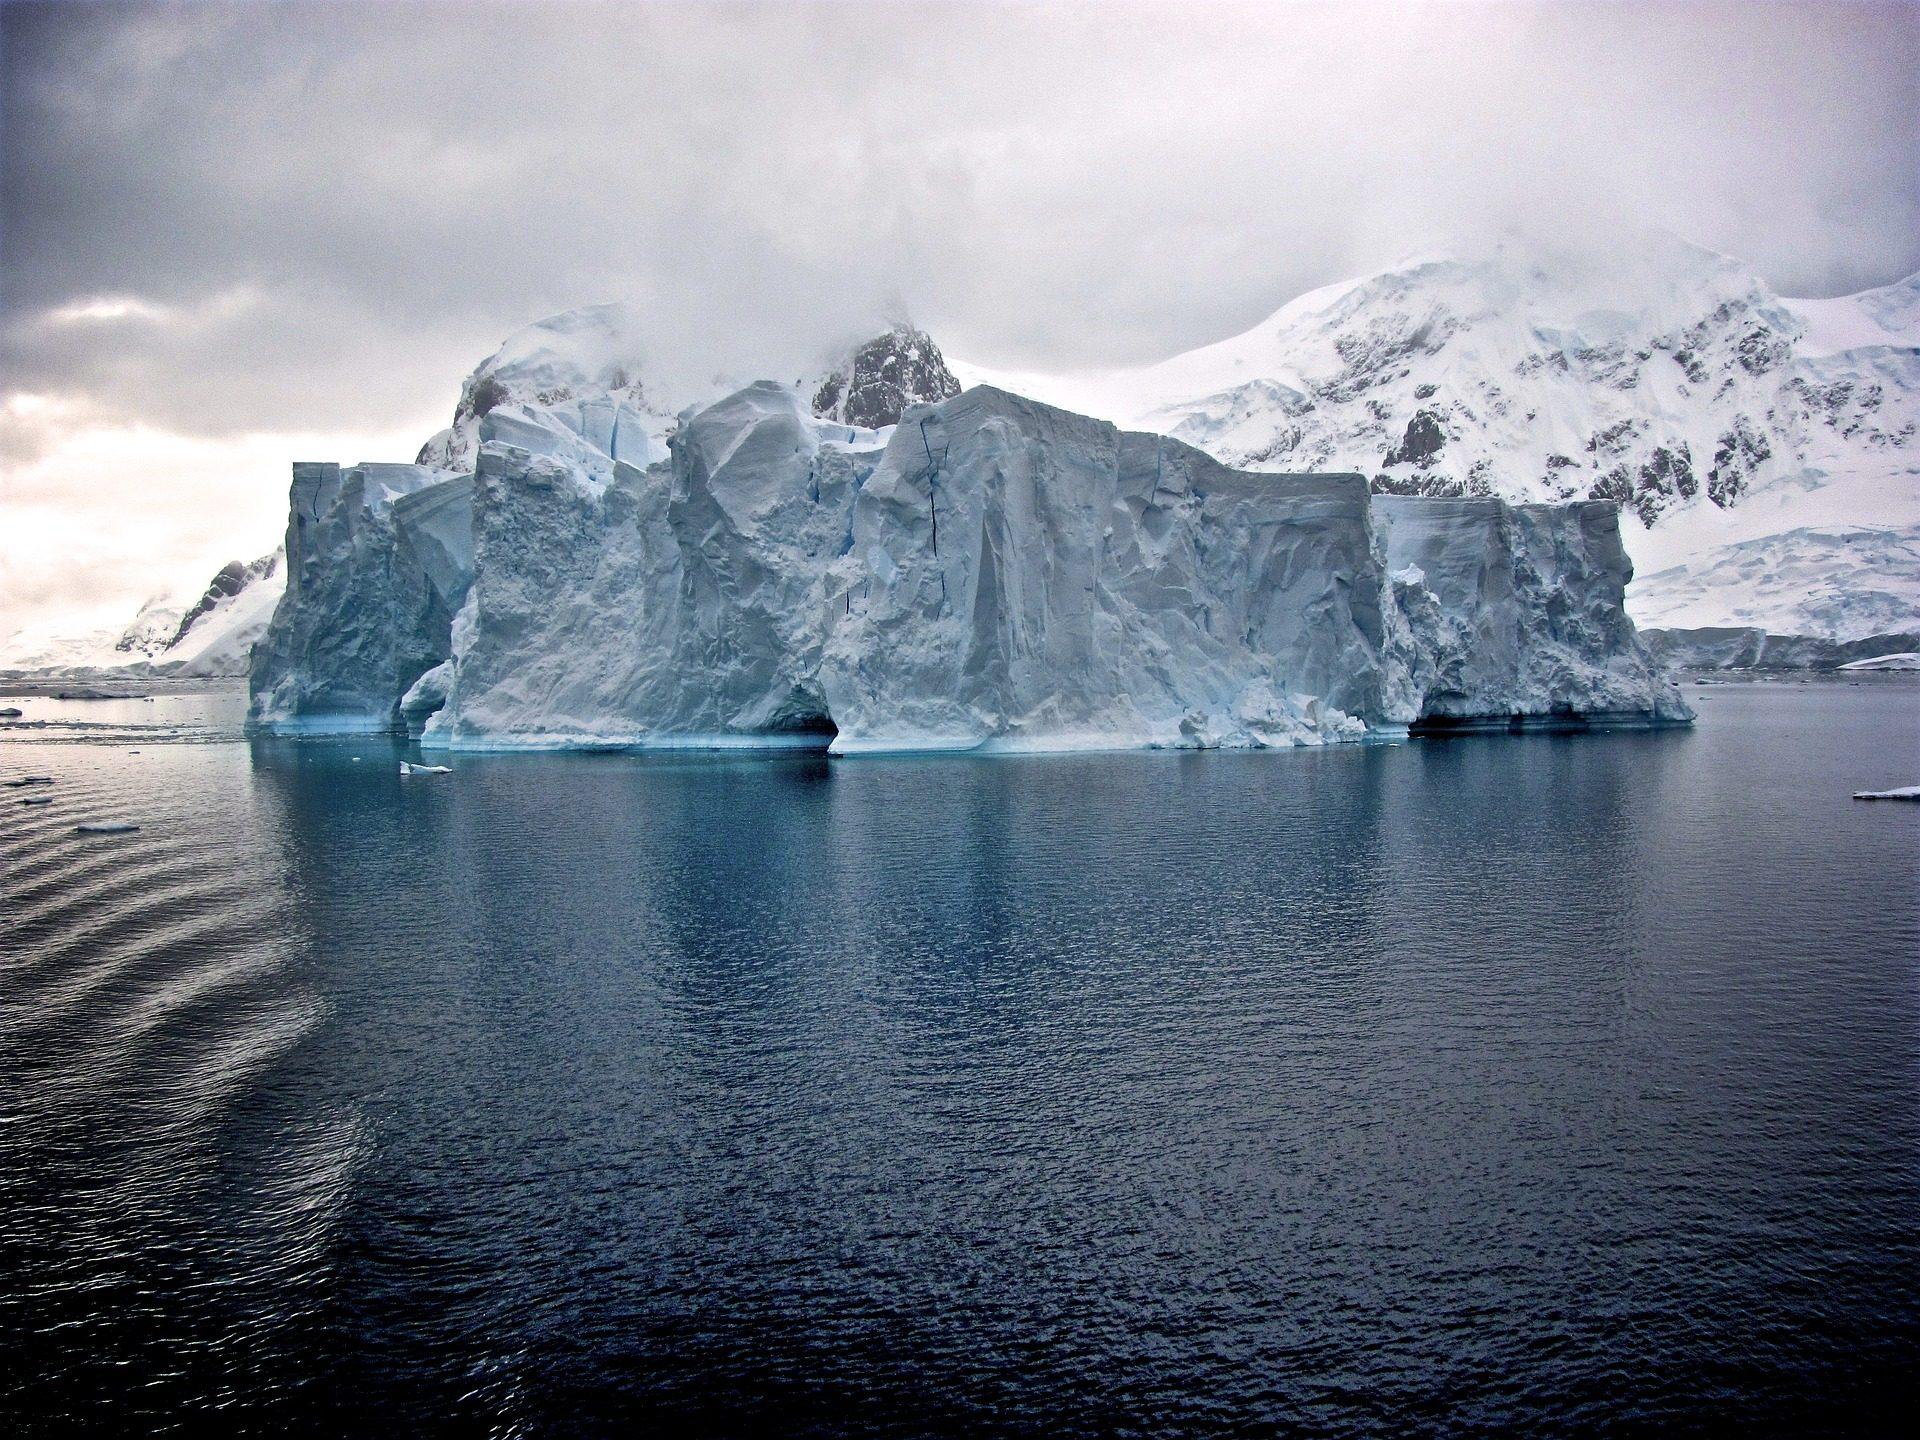 iceberg, neige, glace, Arctique, froide, Pôles - Fonds d'écran HD - Professor-falken.com